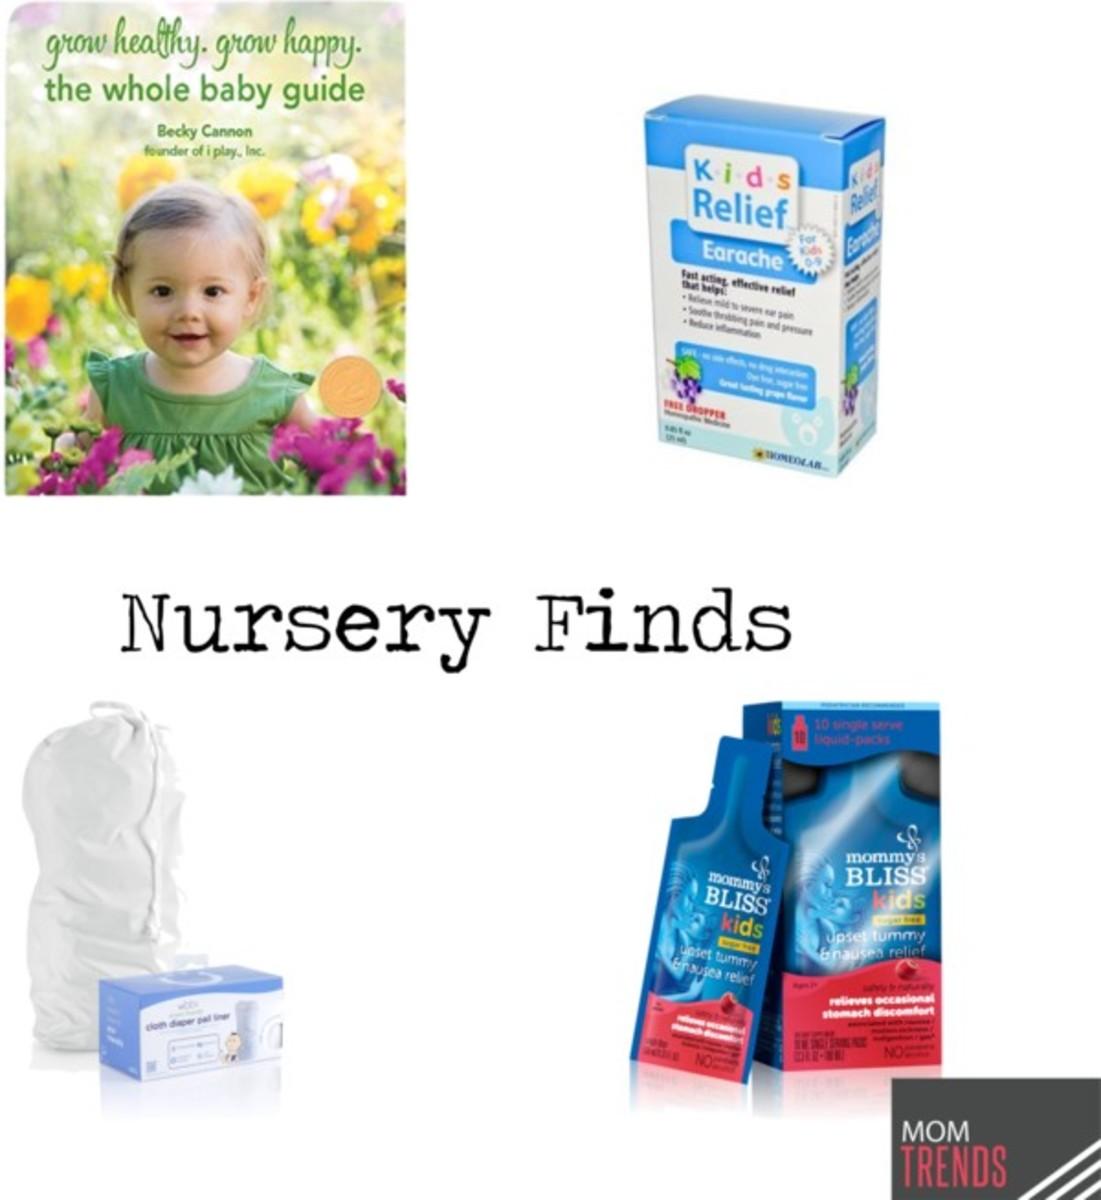 nursery finds